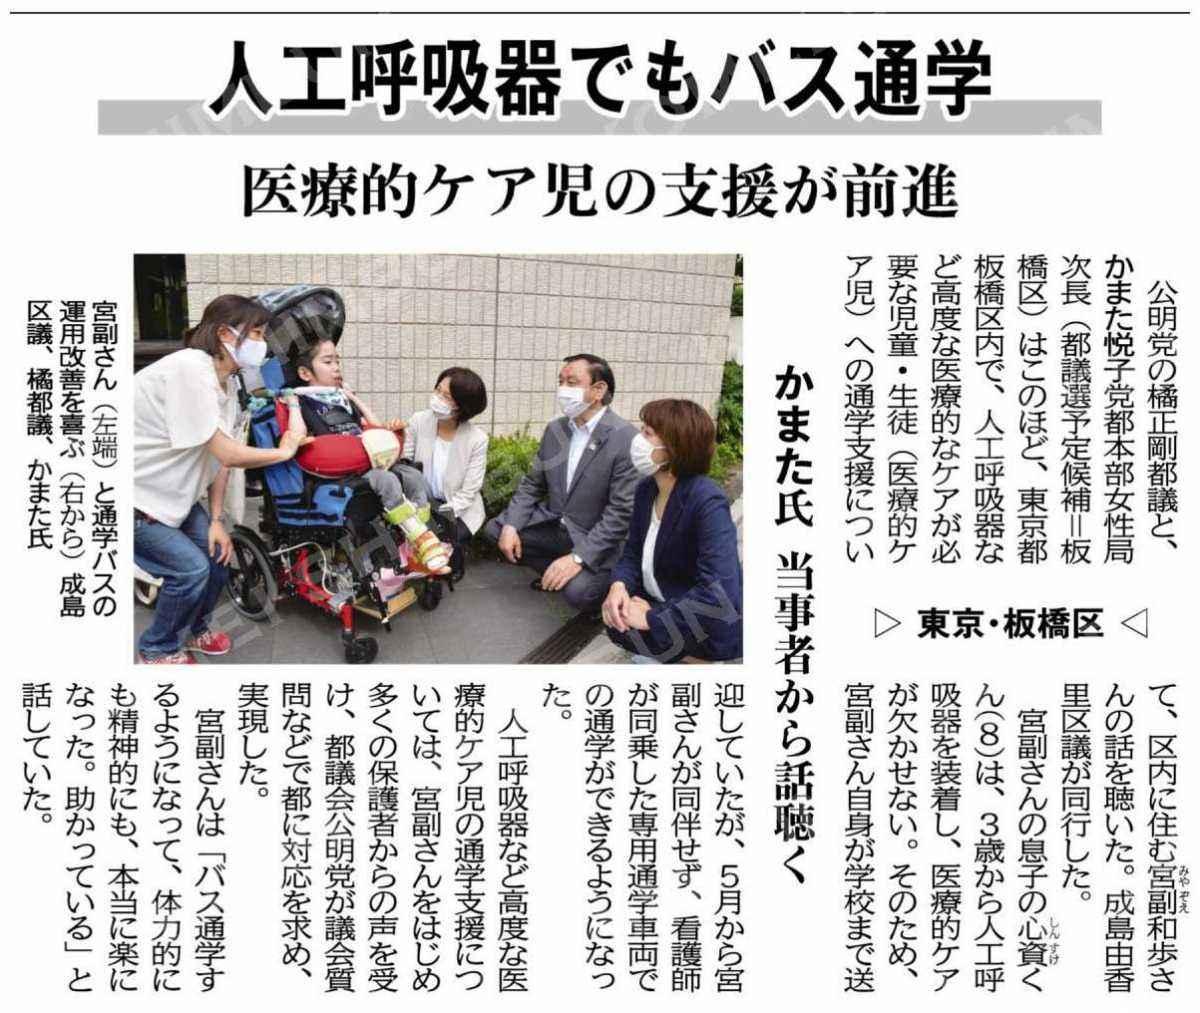 人工呼吸器でもバス通学/医療的ケア児の支援が前進